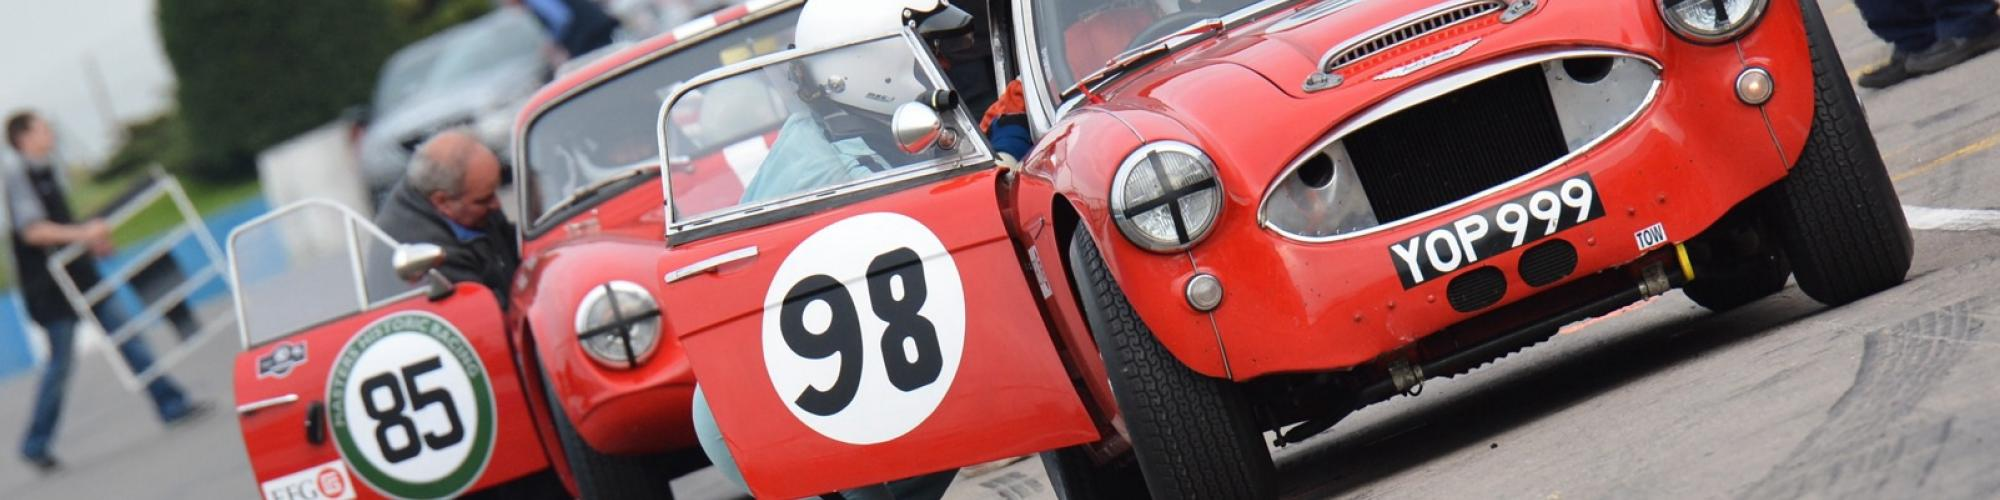 Denis Welch Motorsport